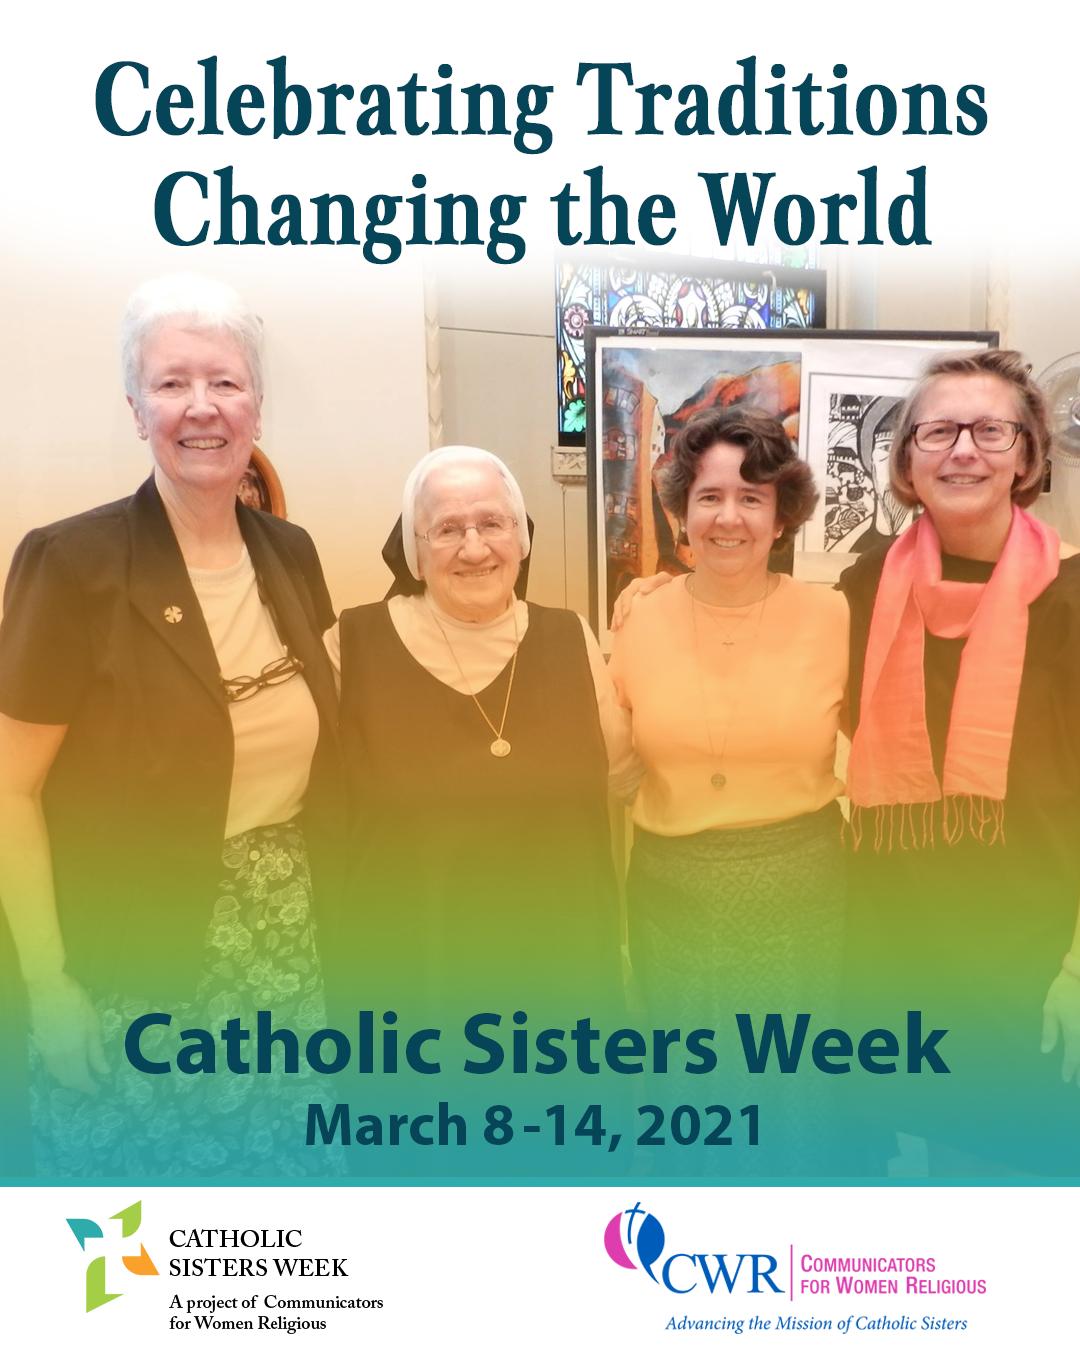 Catholic Sisters Week